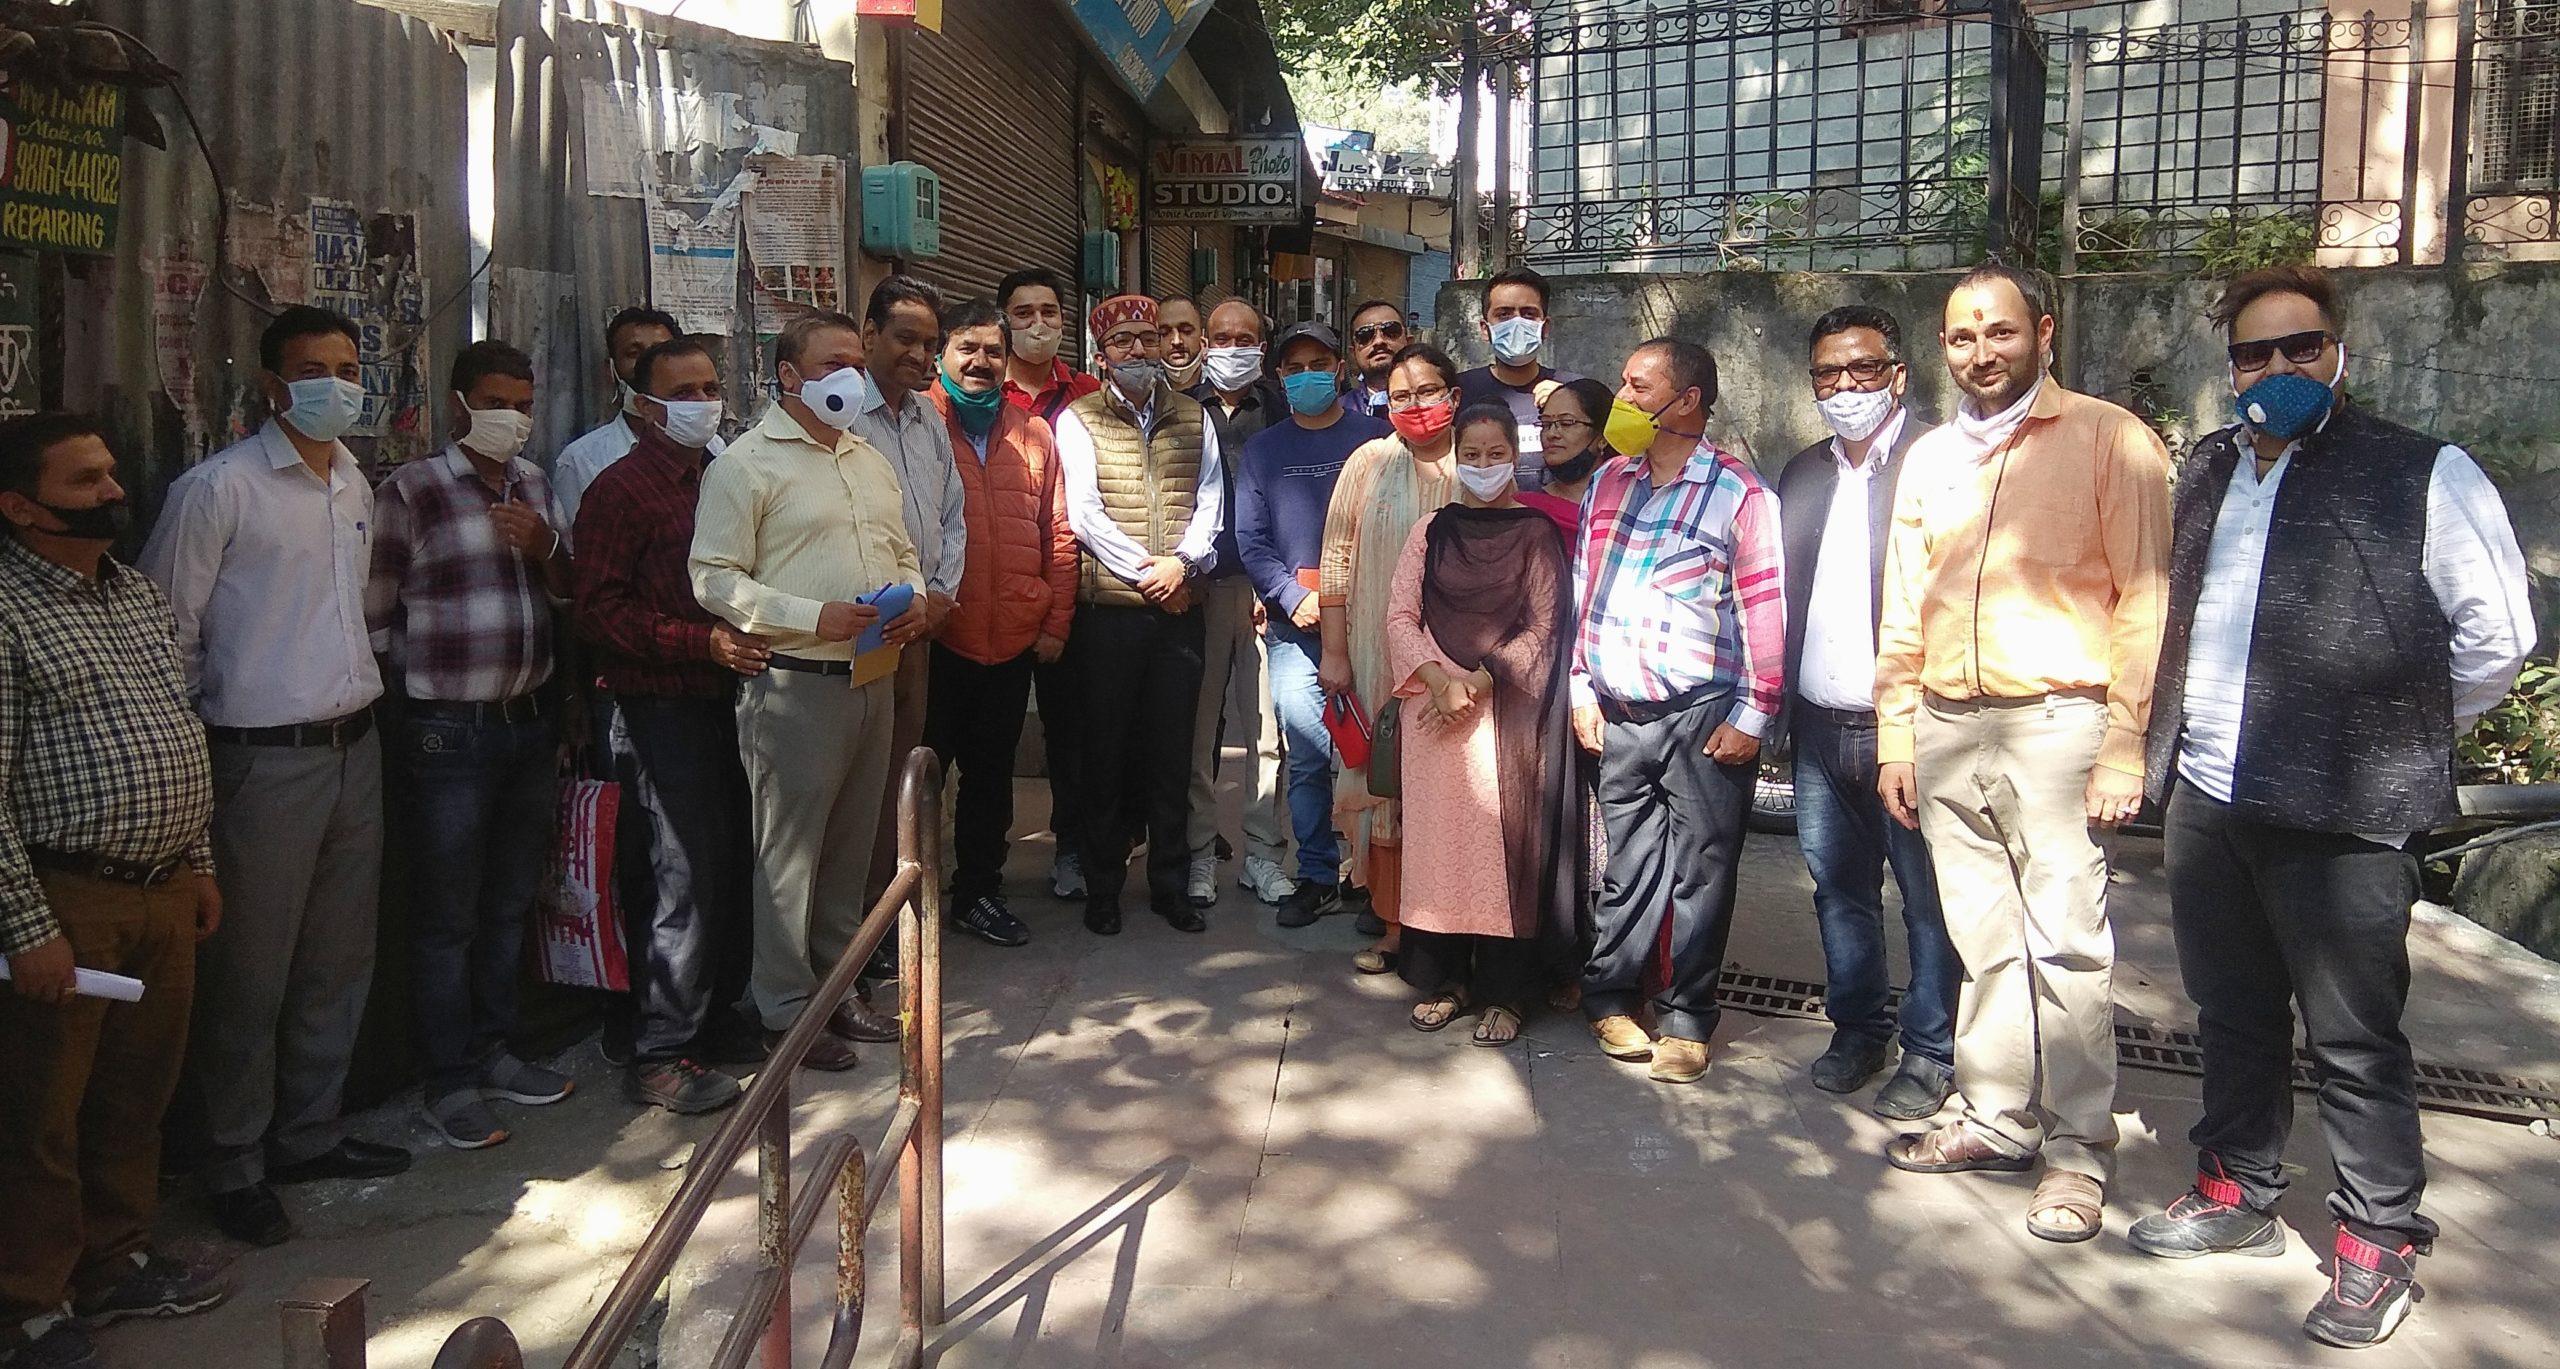 रामपुर बुशहर में एक हजार गाड़ियों की पार्किंग बनने का रास्ता साफ, Joint इंस्पेक्शन में सबकी हाँ